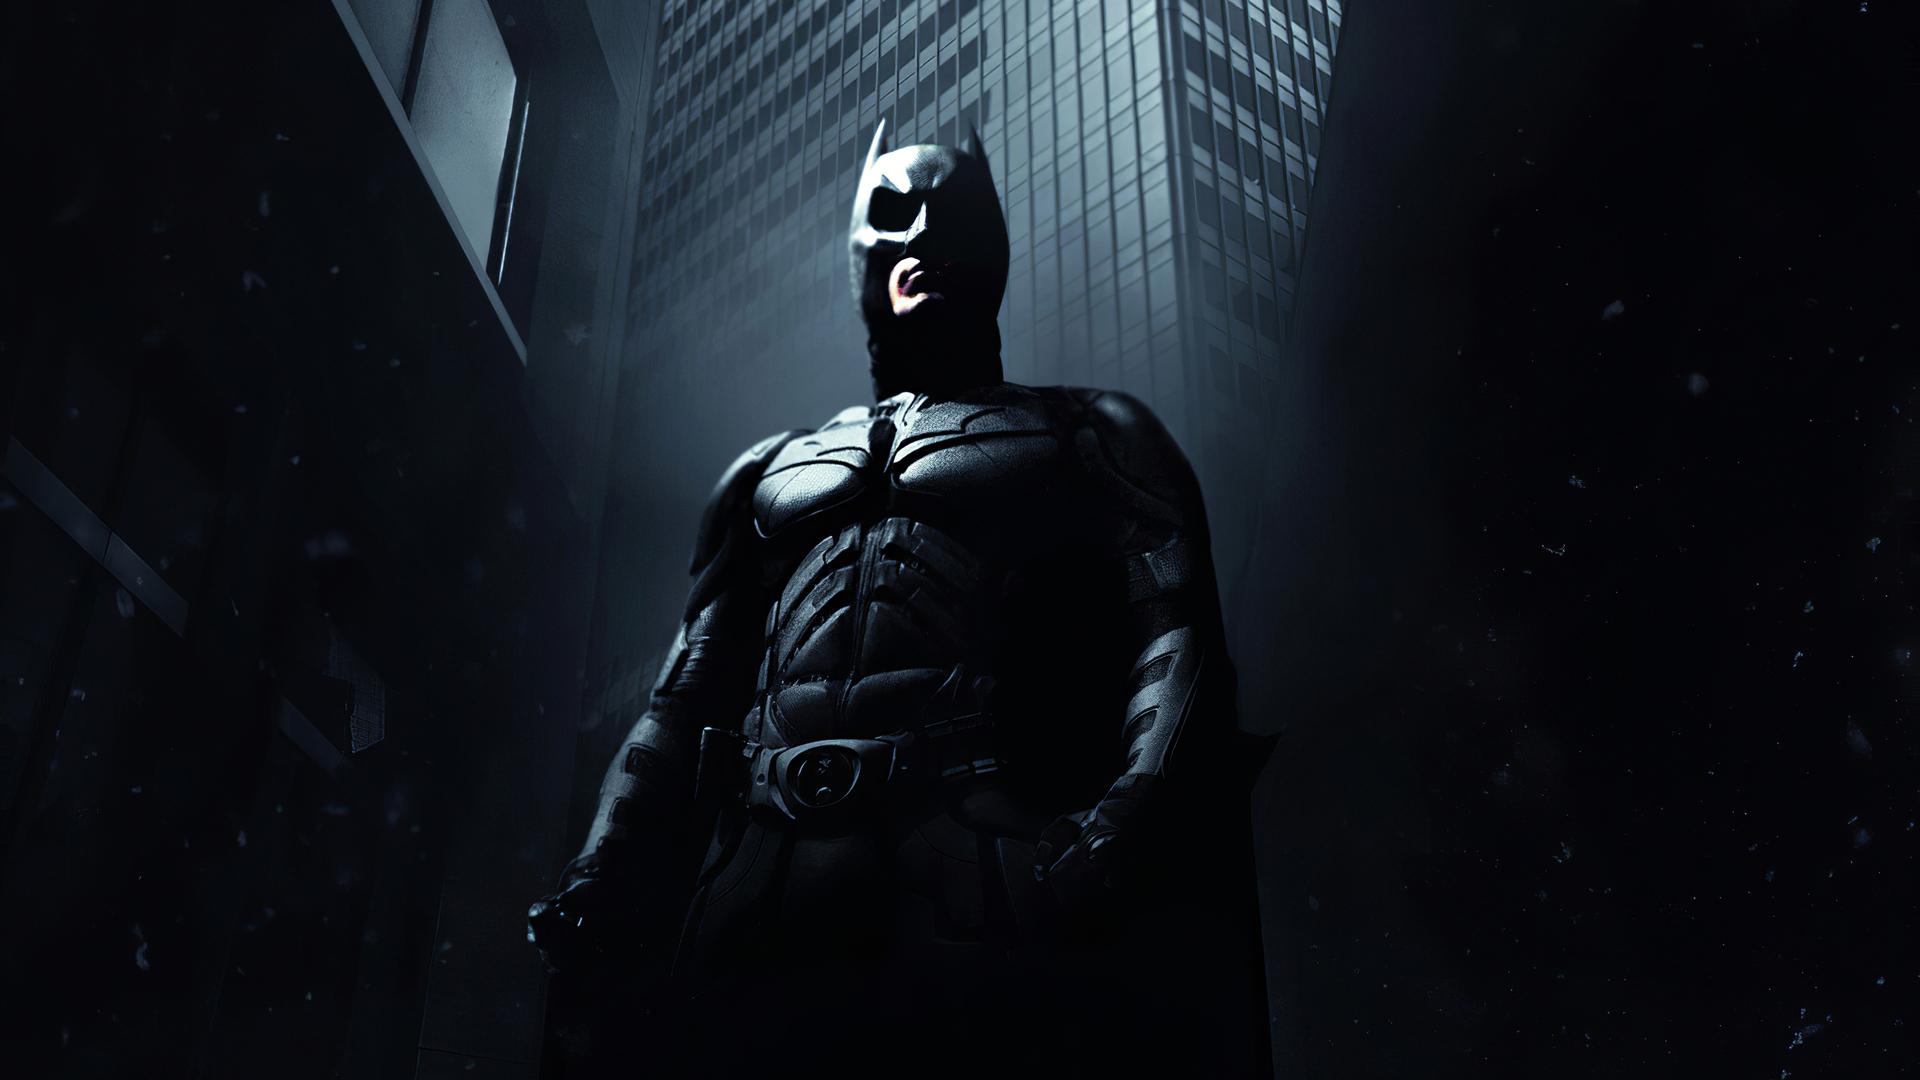 1920x1080 Batman Christian Bale 4k 2020 Laptop Full HD ...